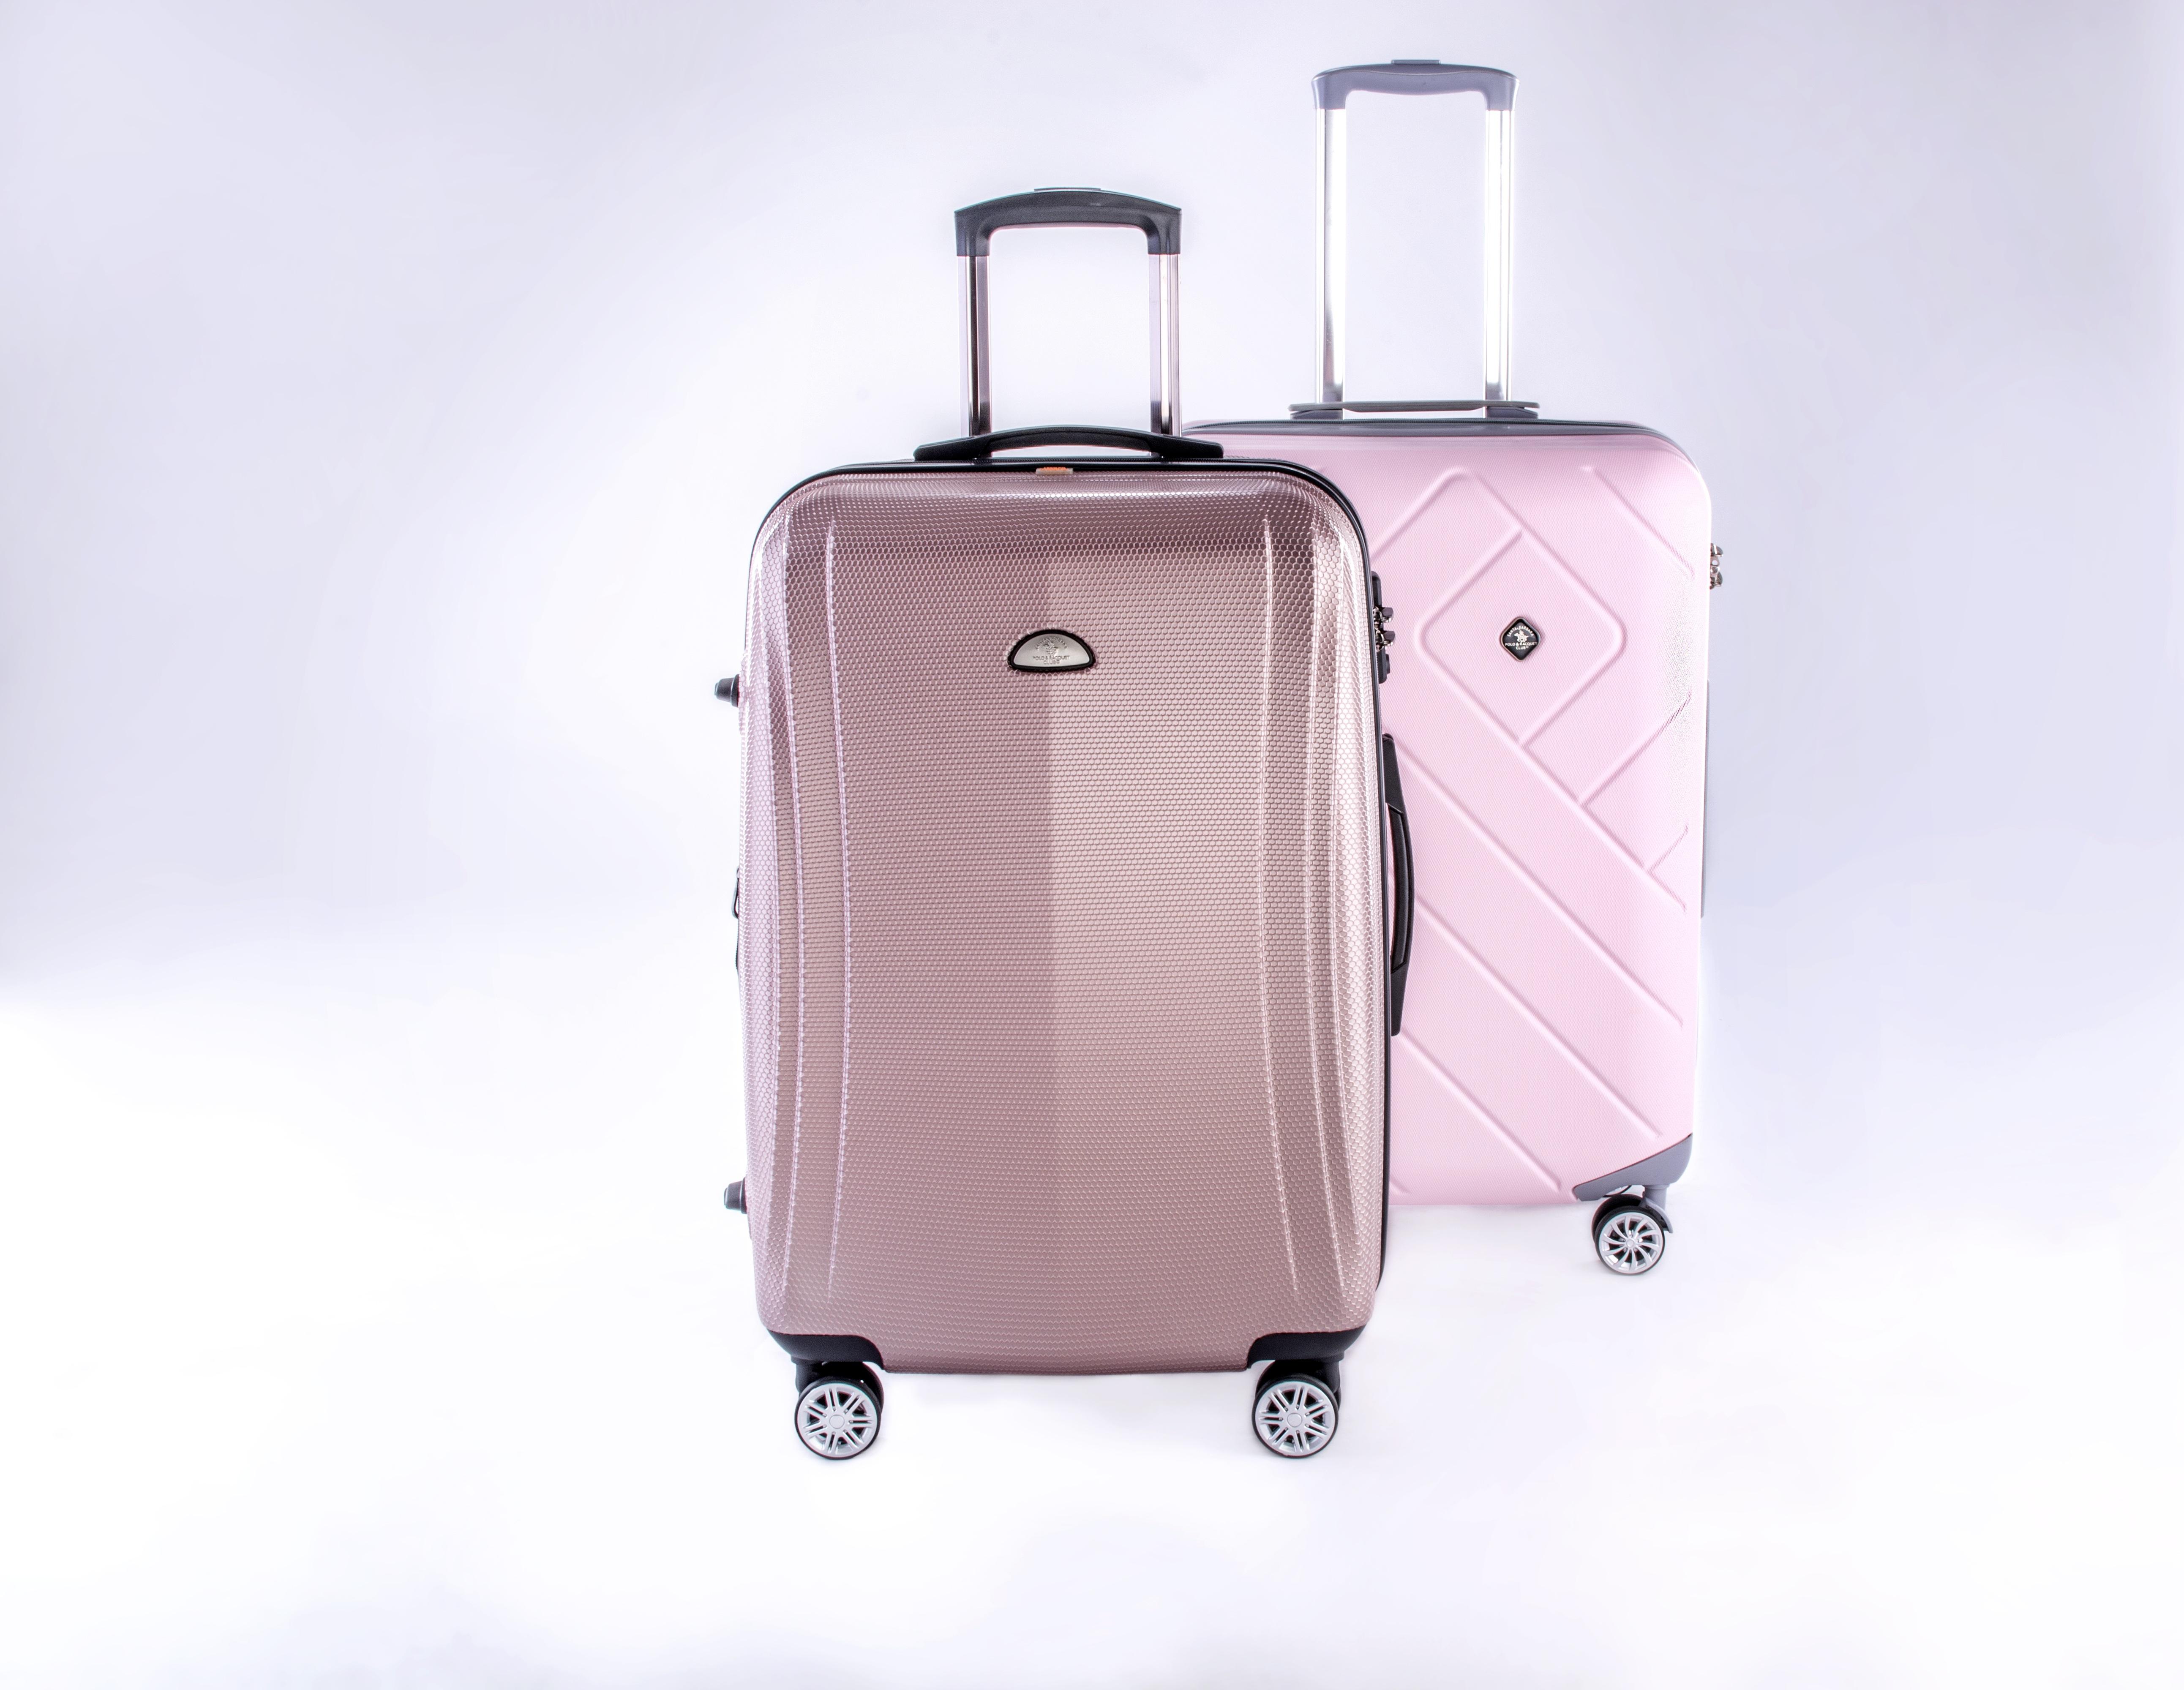 8833eaad4 bolso equipaje marca producto caso maleta equipaje equipaje de mano  Luguagge metálico